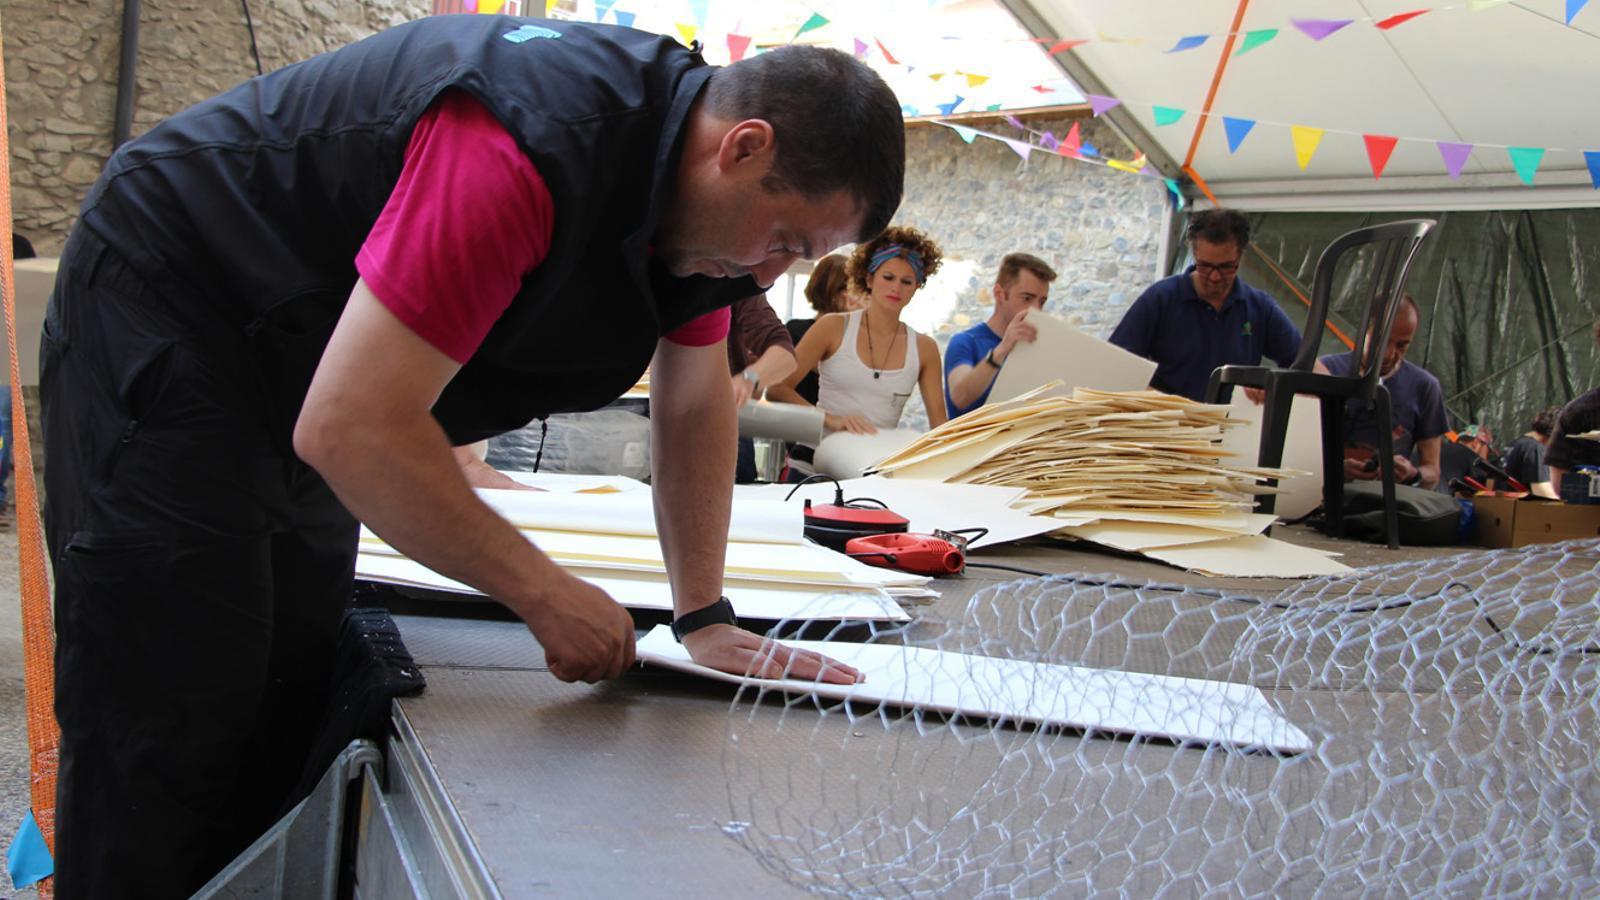 Un moment del taller d'el·laboració de les falles d'Andorra la Vella, a la placeta del Puial. / L. M.